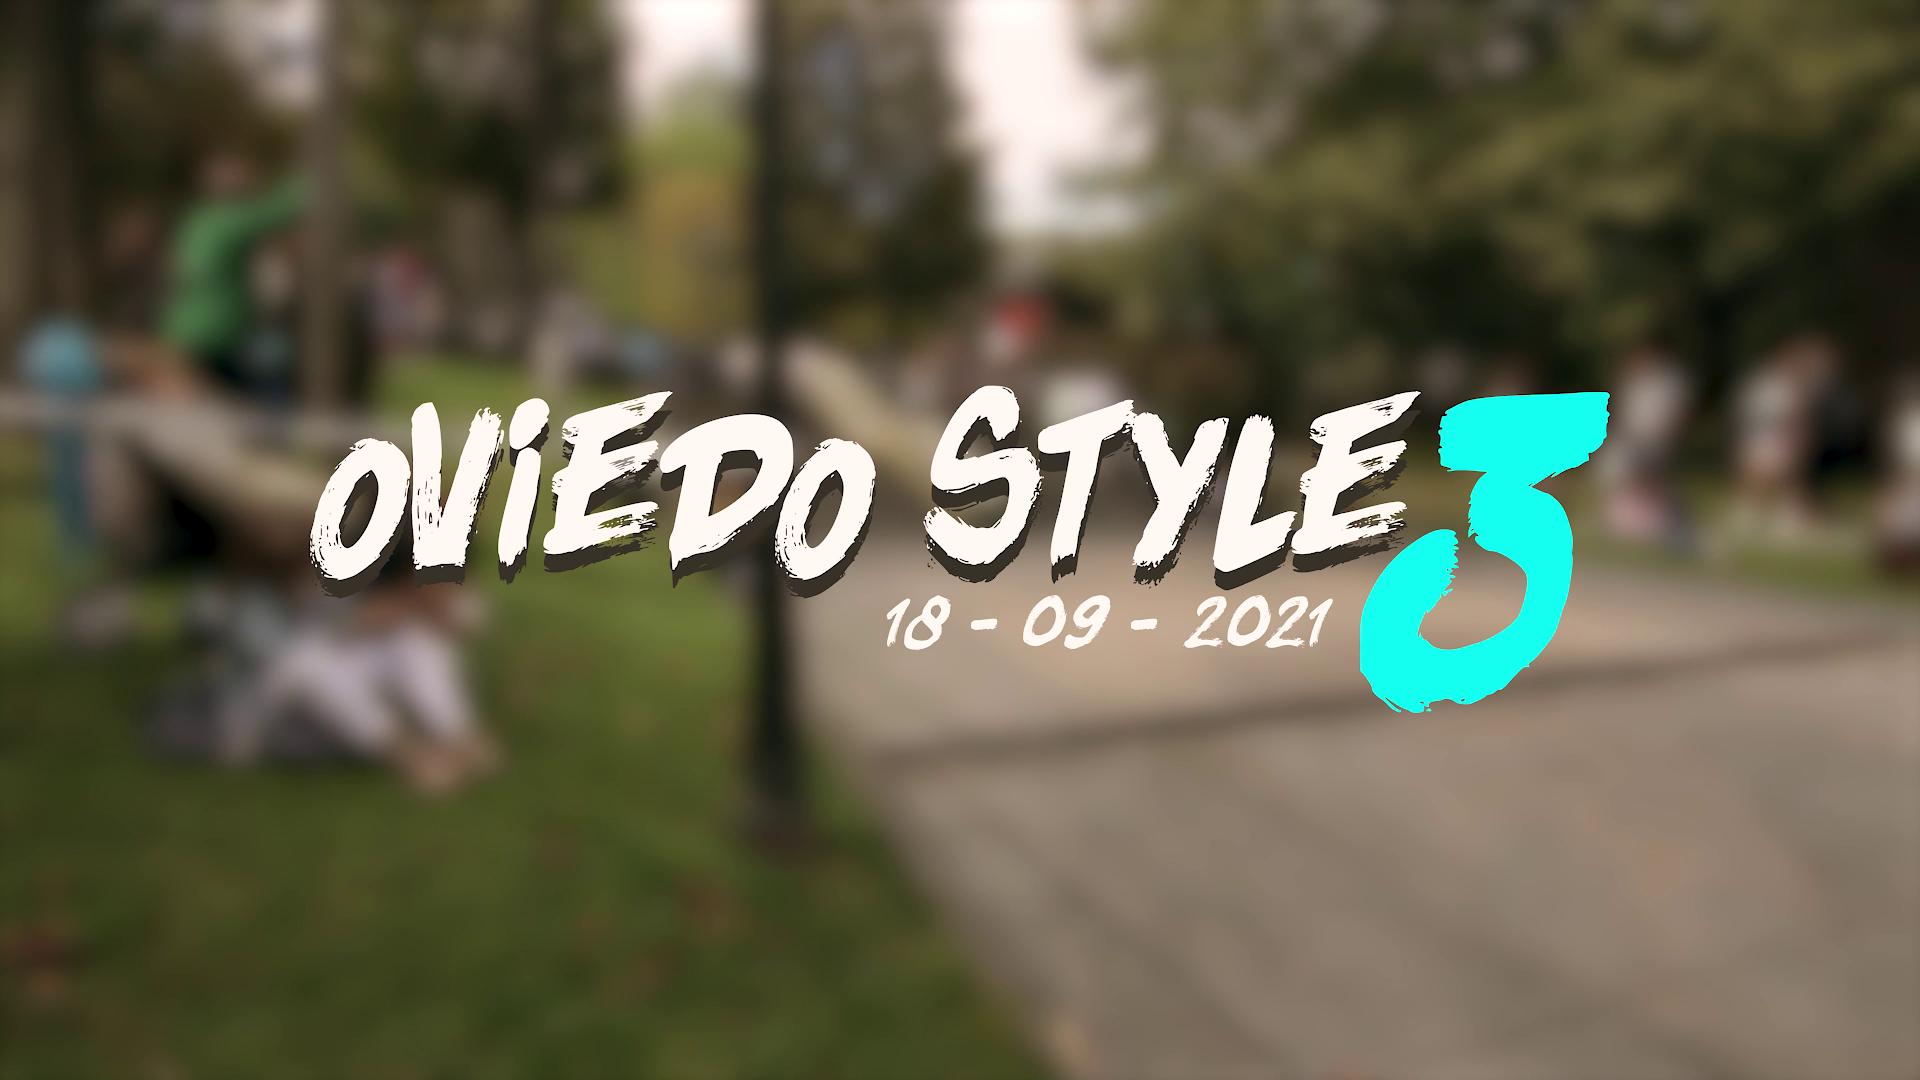 Oviedo Style 3 aftermovie